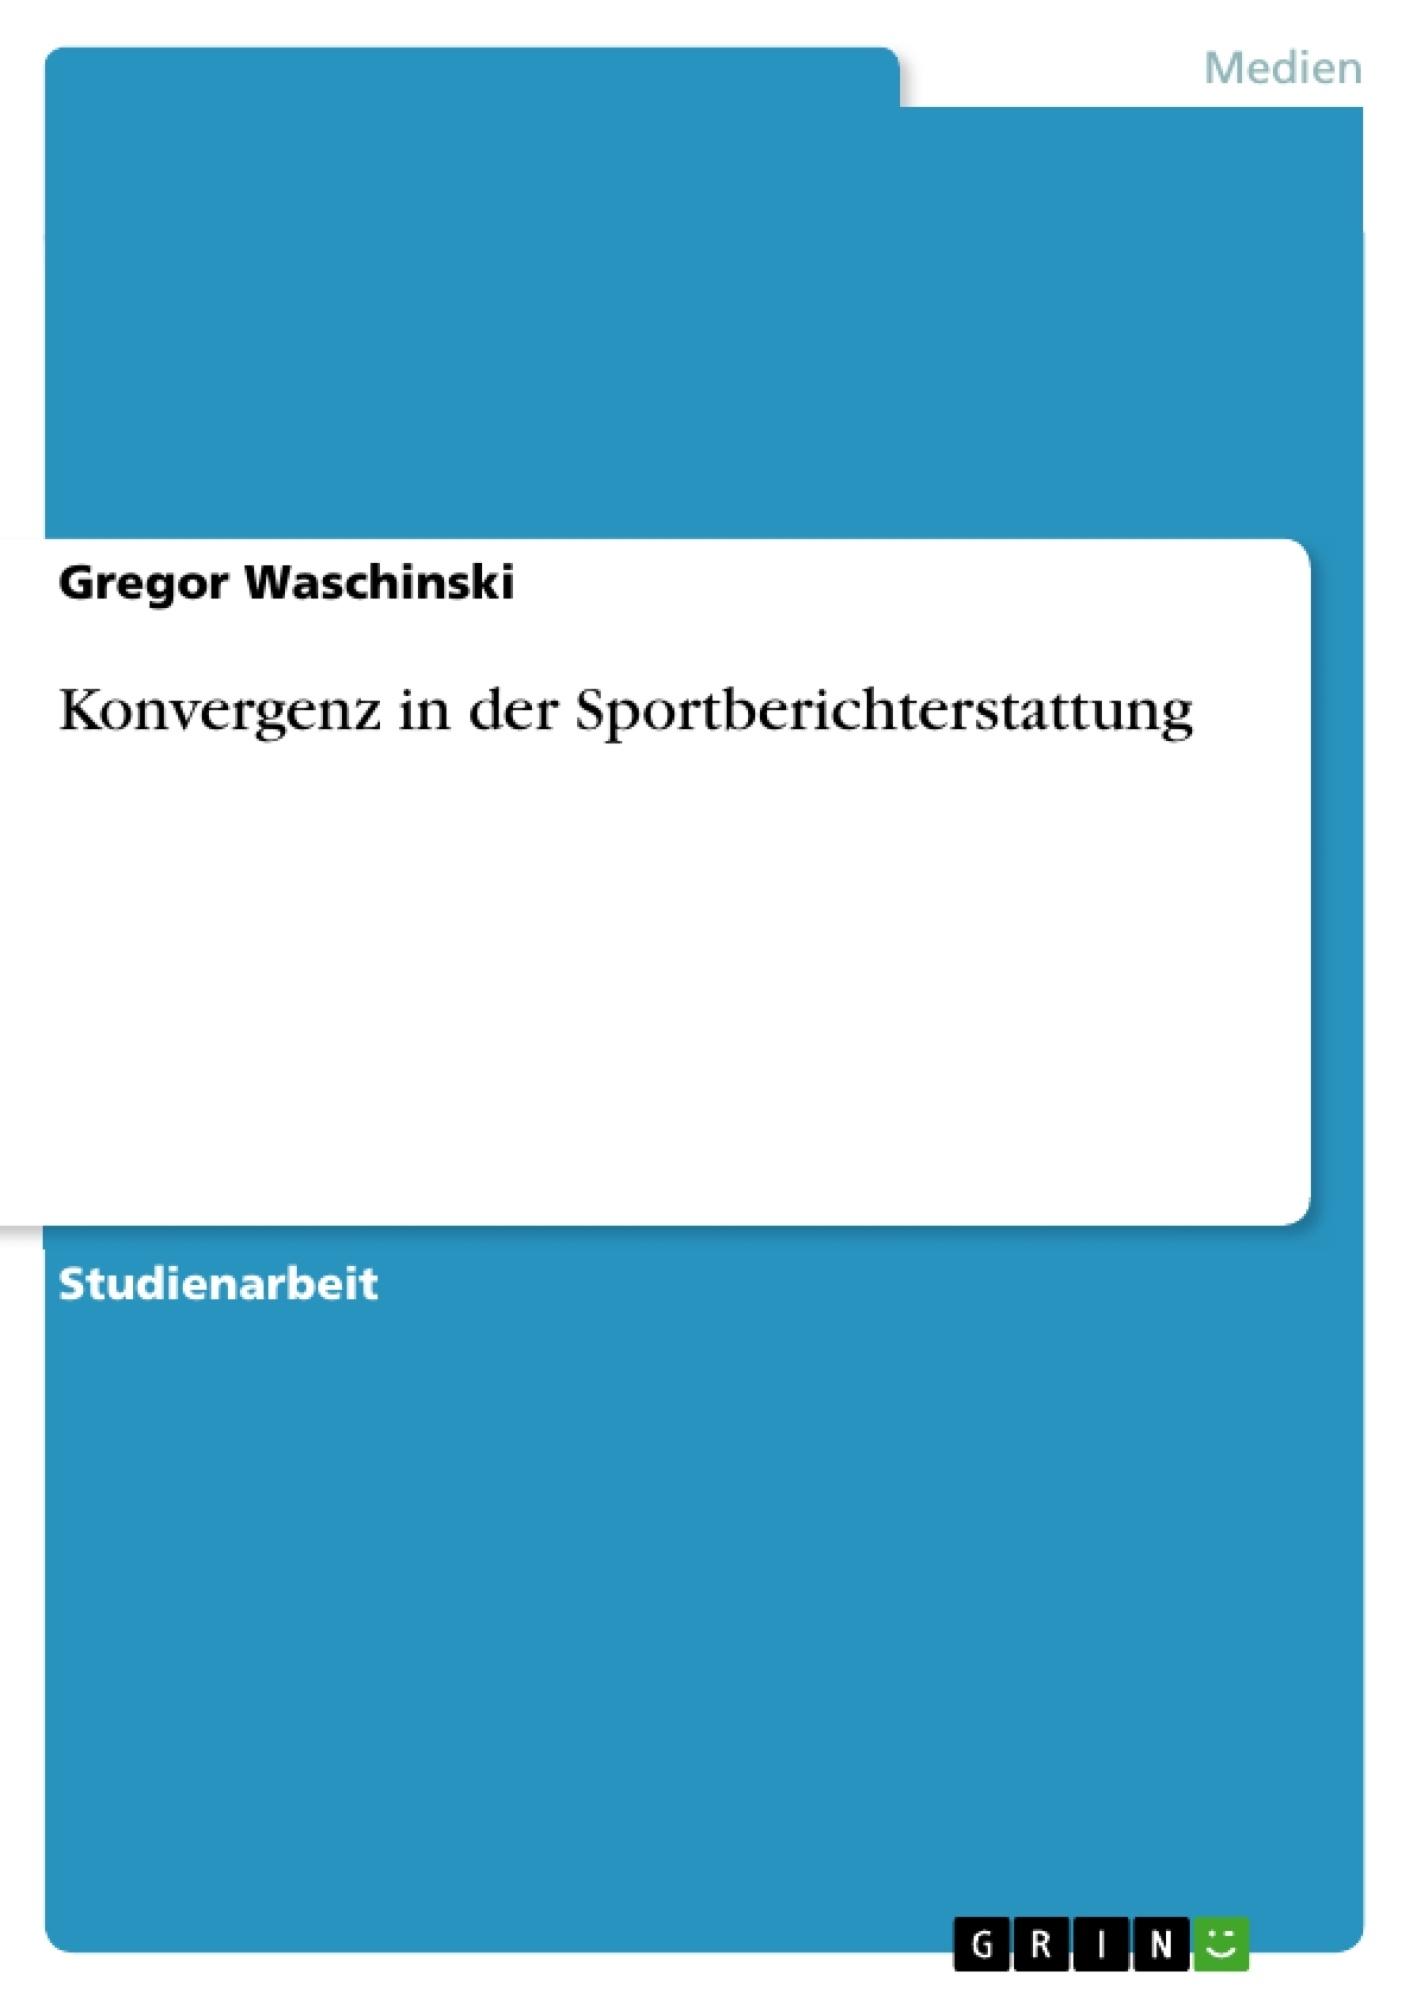 Titel: Konvergenz in der Sportberichterstattung